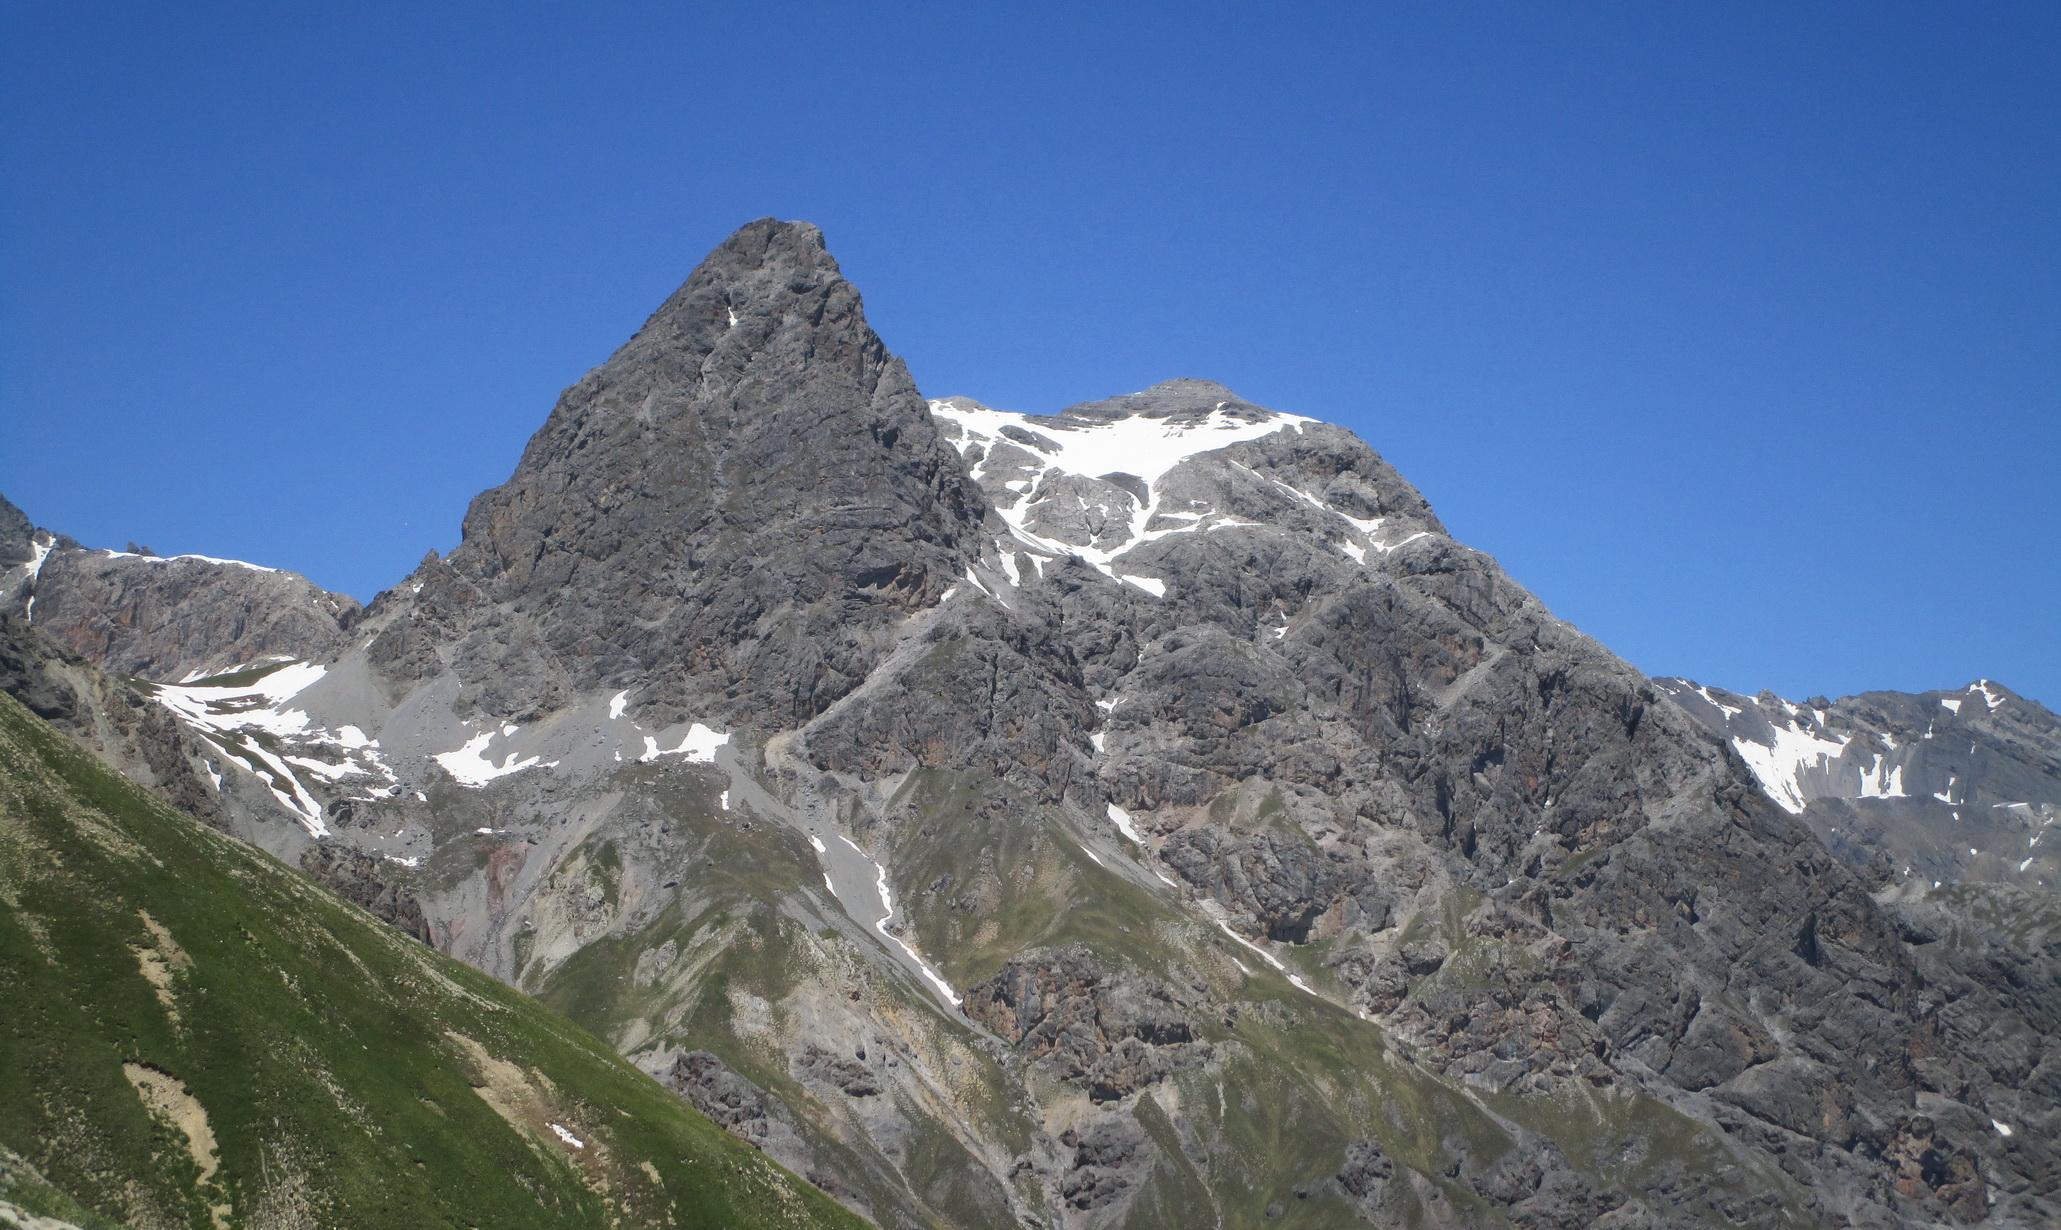 livigno-bez-bajku-cima-cavalli-2991m